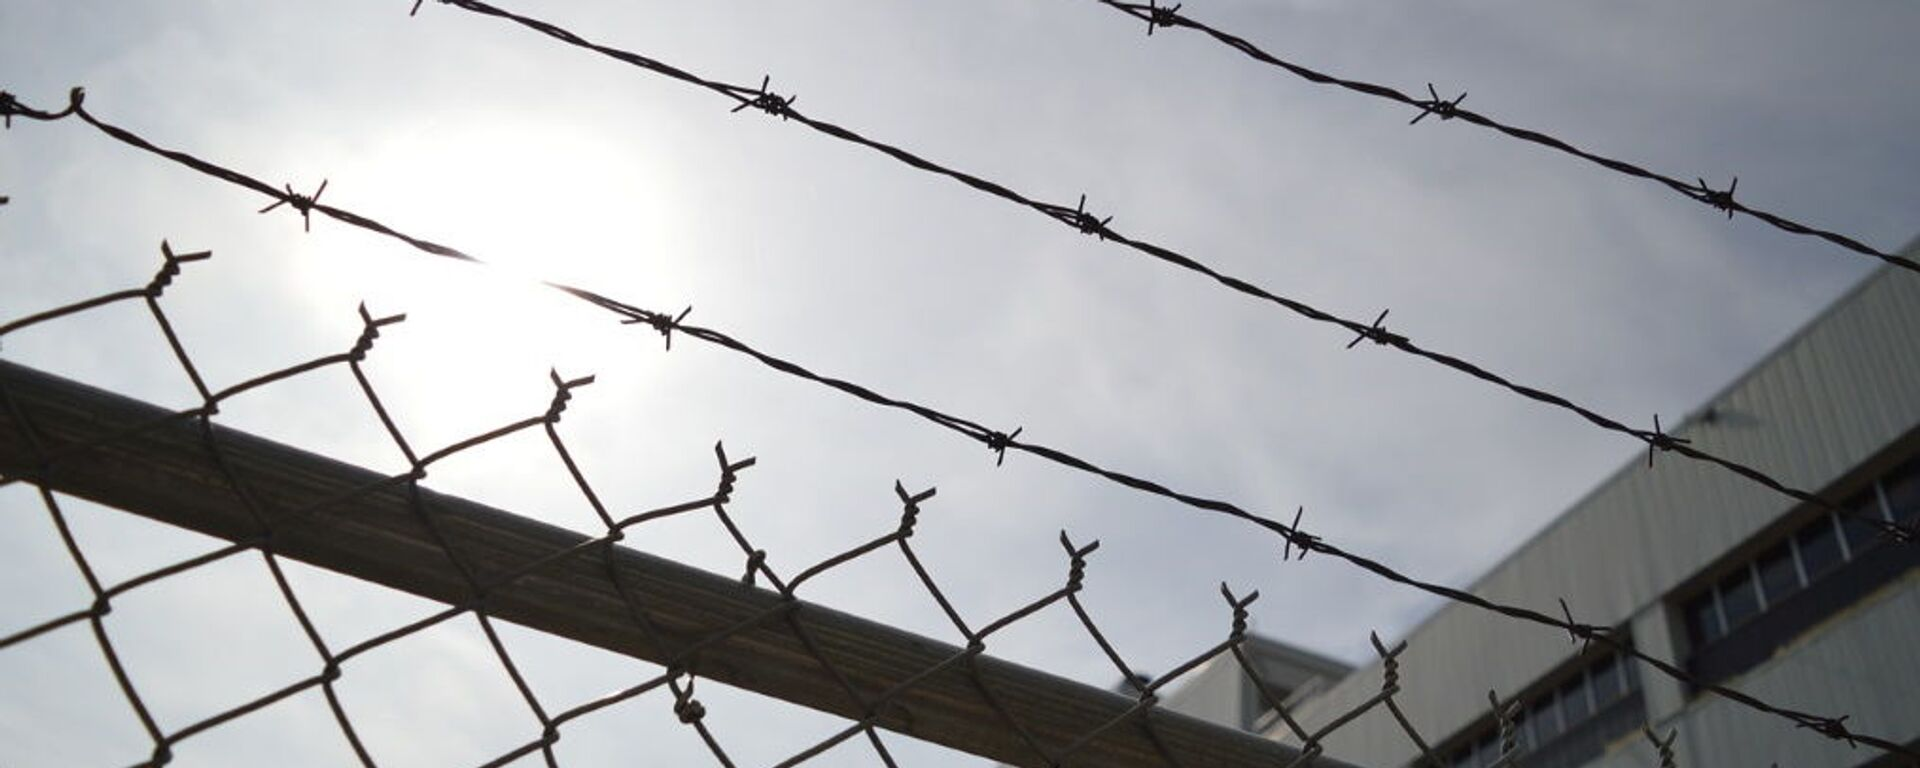 Φυλακή - Sputnik Ελλάδα, 1920, 06.10.2021